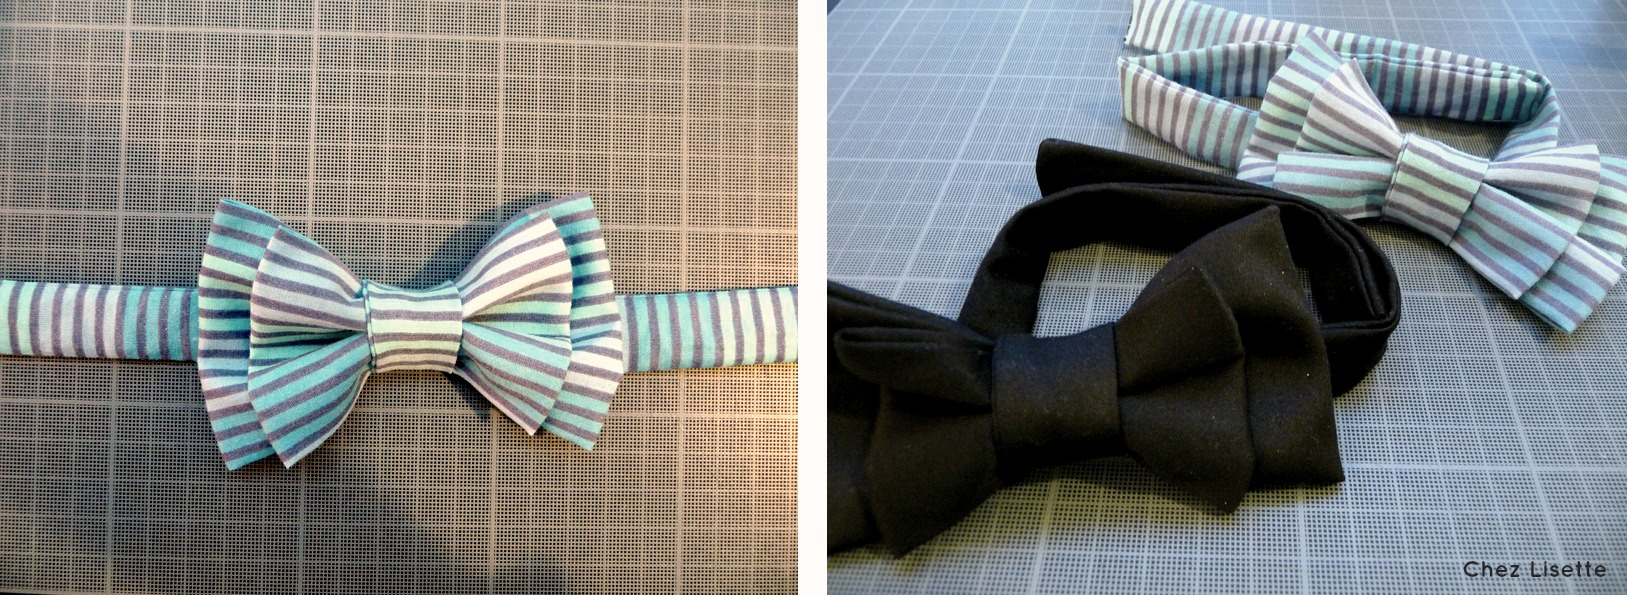 diy n ud papillon transformation chez lisette. Black Bedroom Furniture Sets. Home Design Ideas